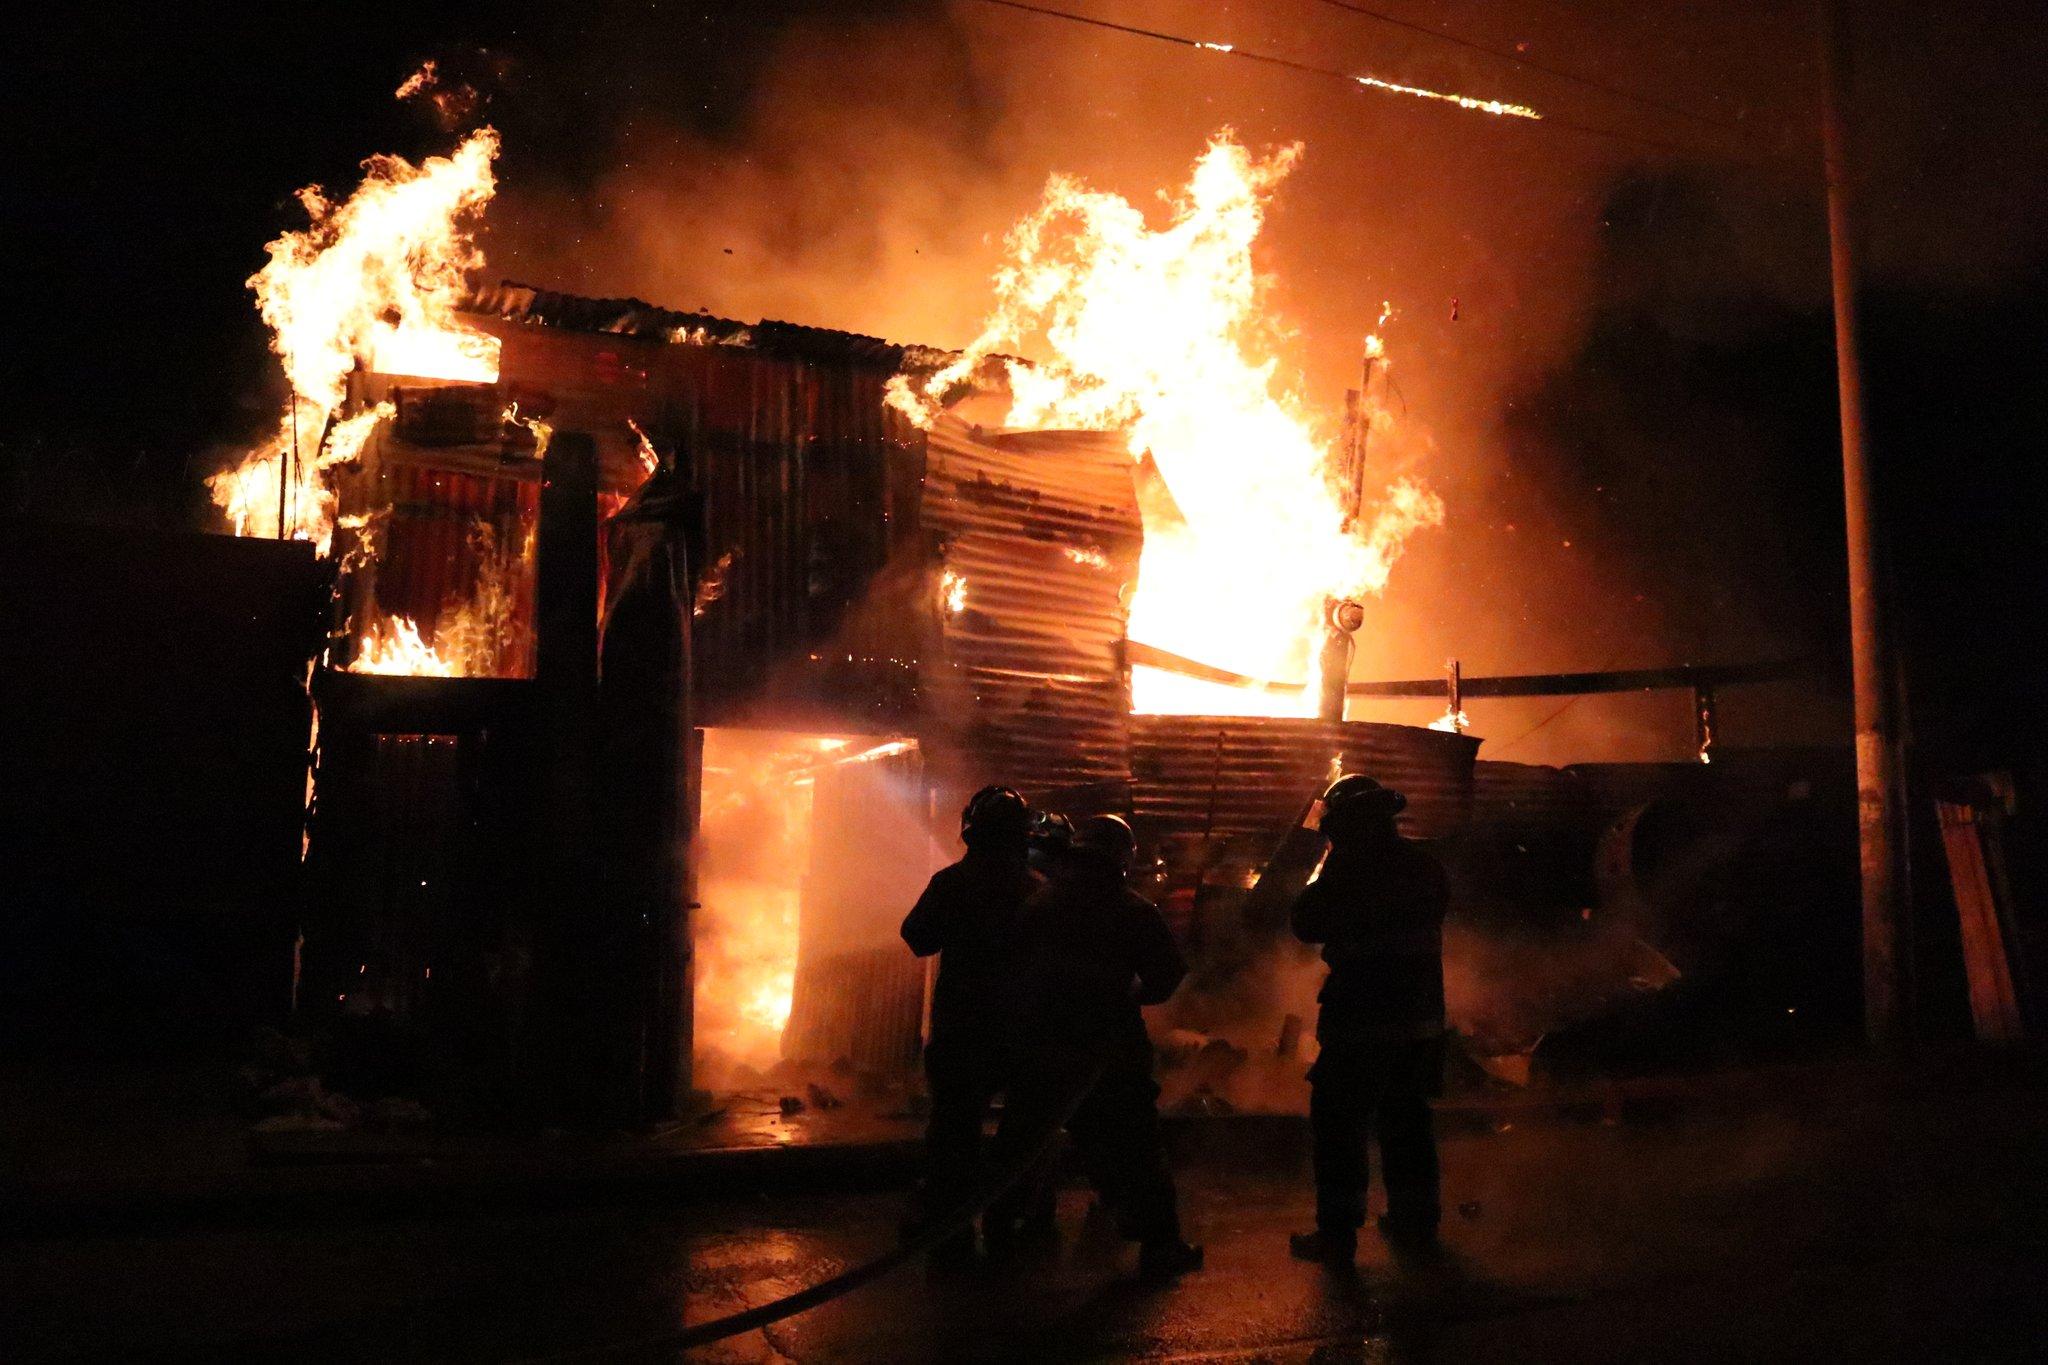 Incendio consume varios comercios en La Terminal